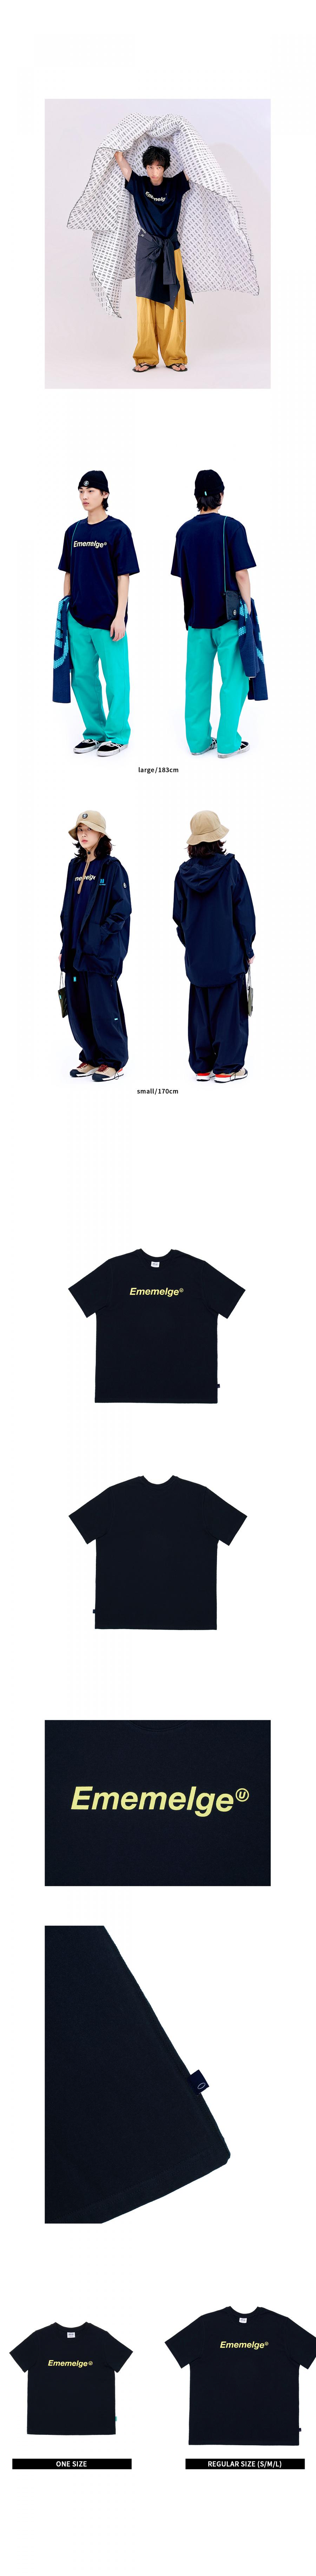 팔칠엠엠(87MM) [Mmlg] EMEMELGE HF-T (NAVY)